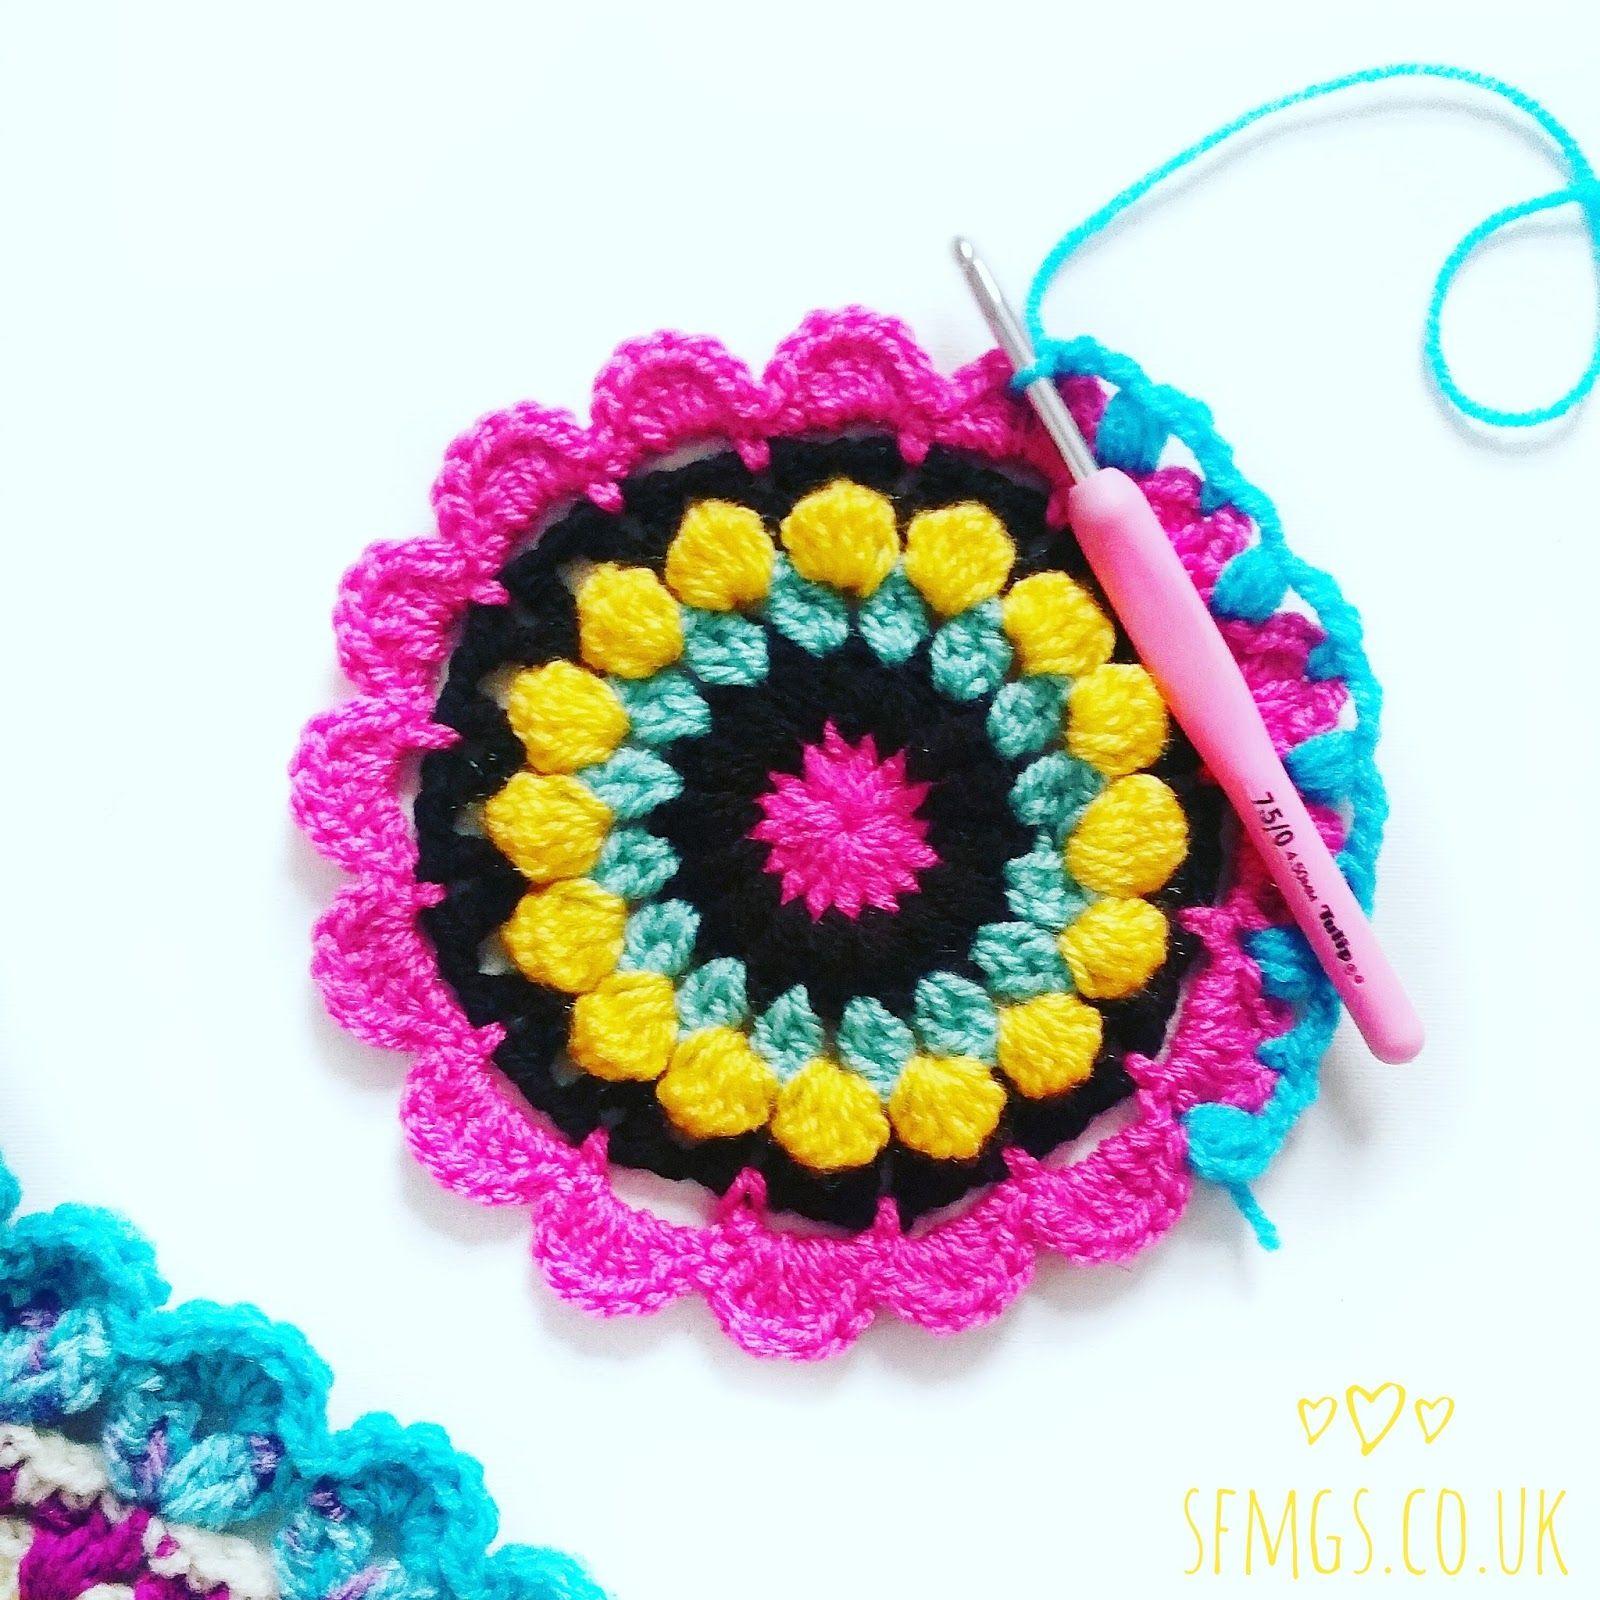 30 Free Mandala Patterns | Free Crochet Pattern - 30 free bright ...